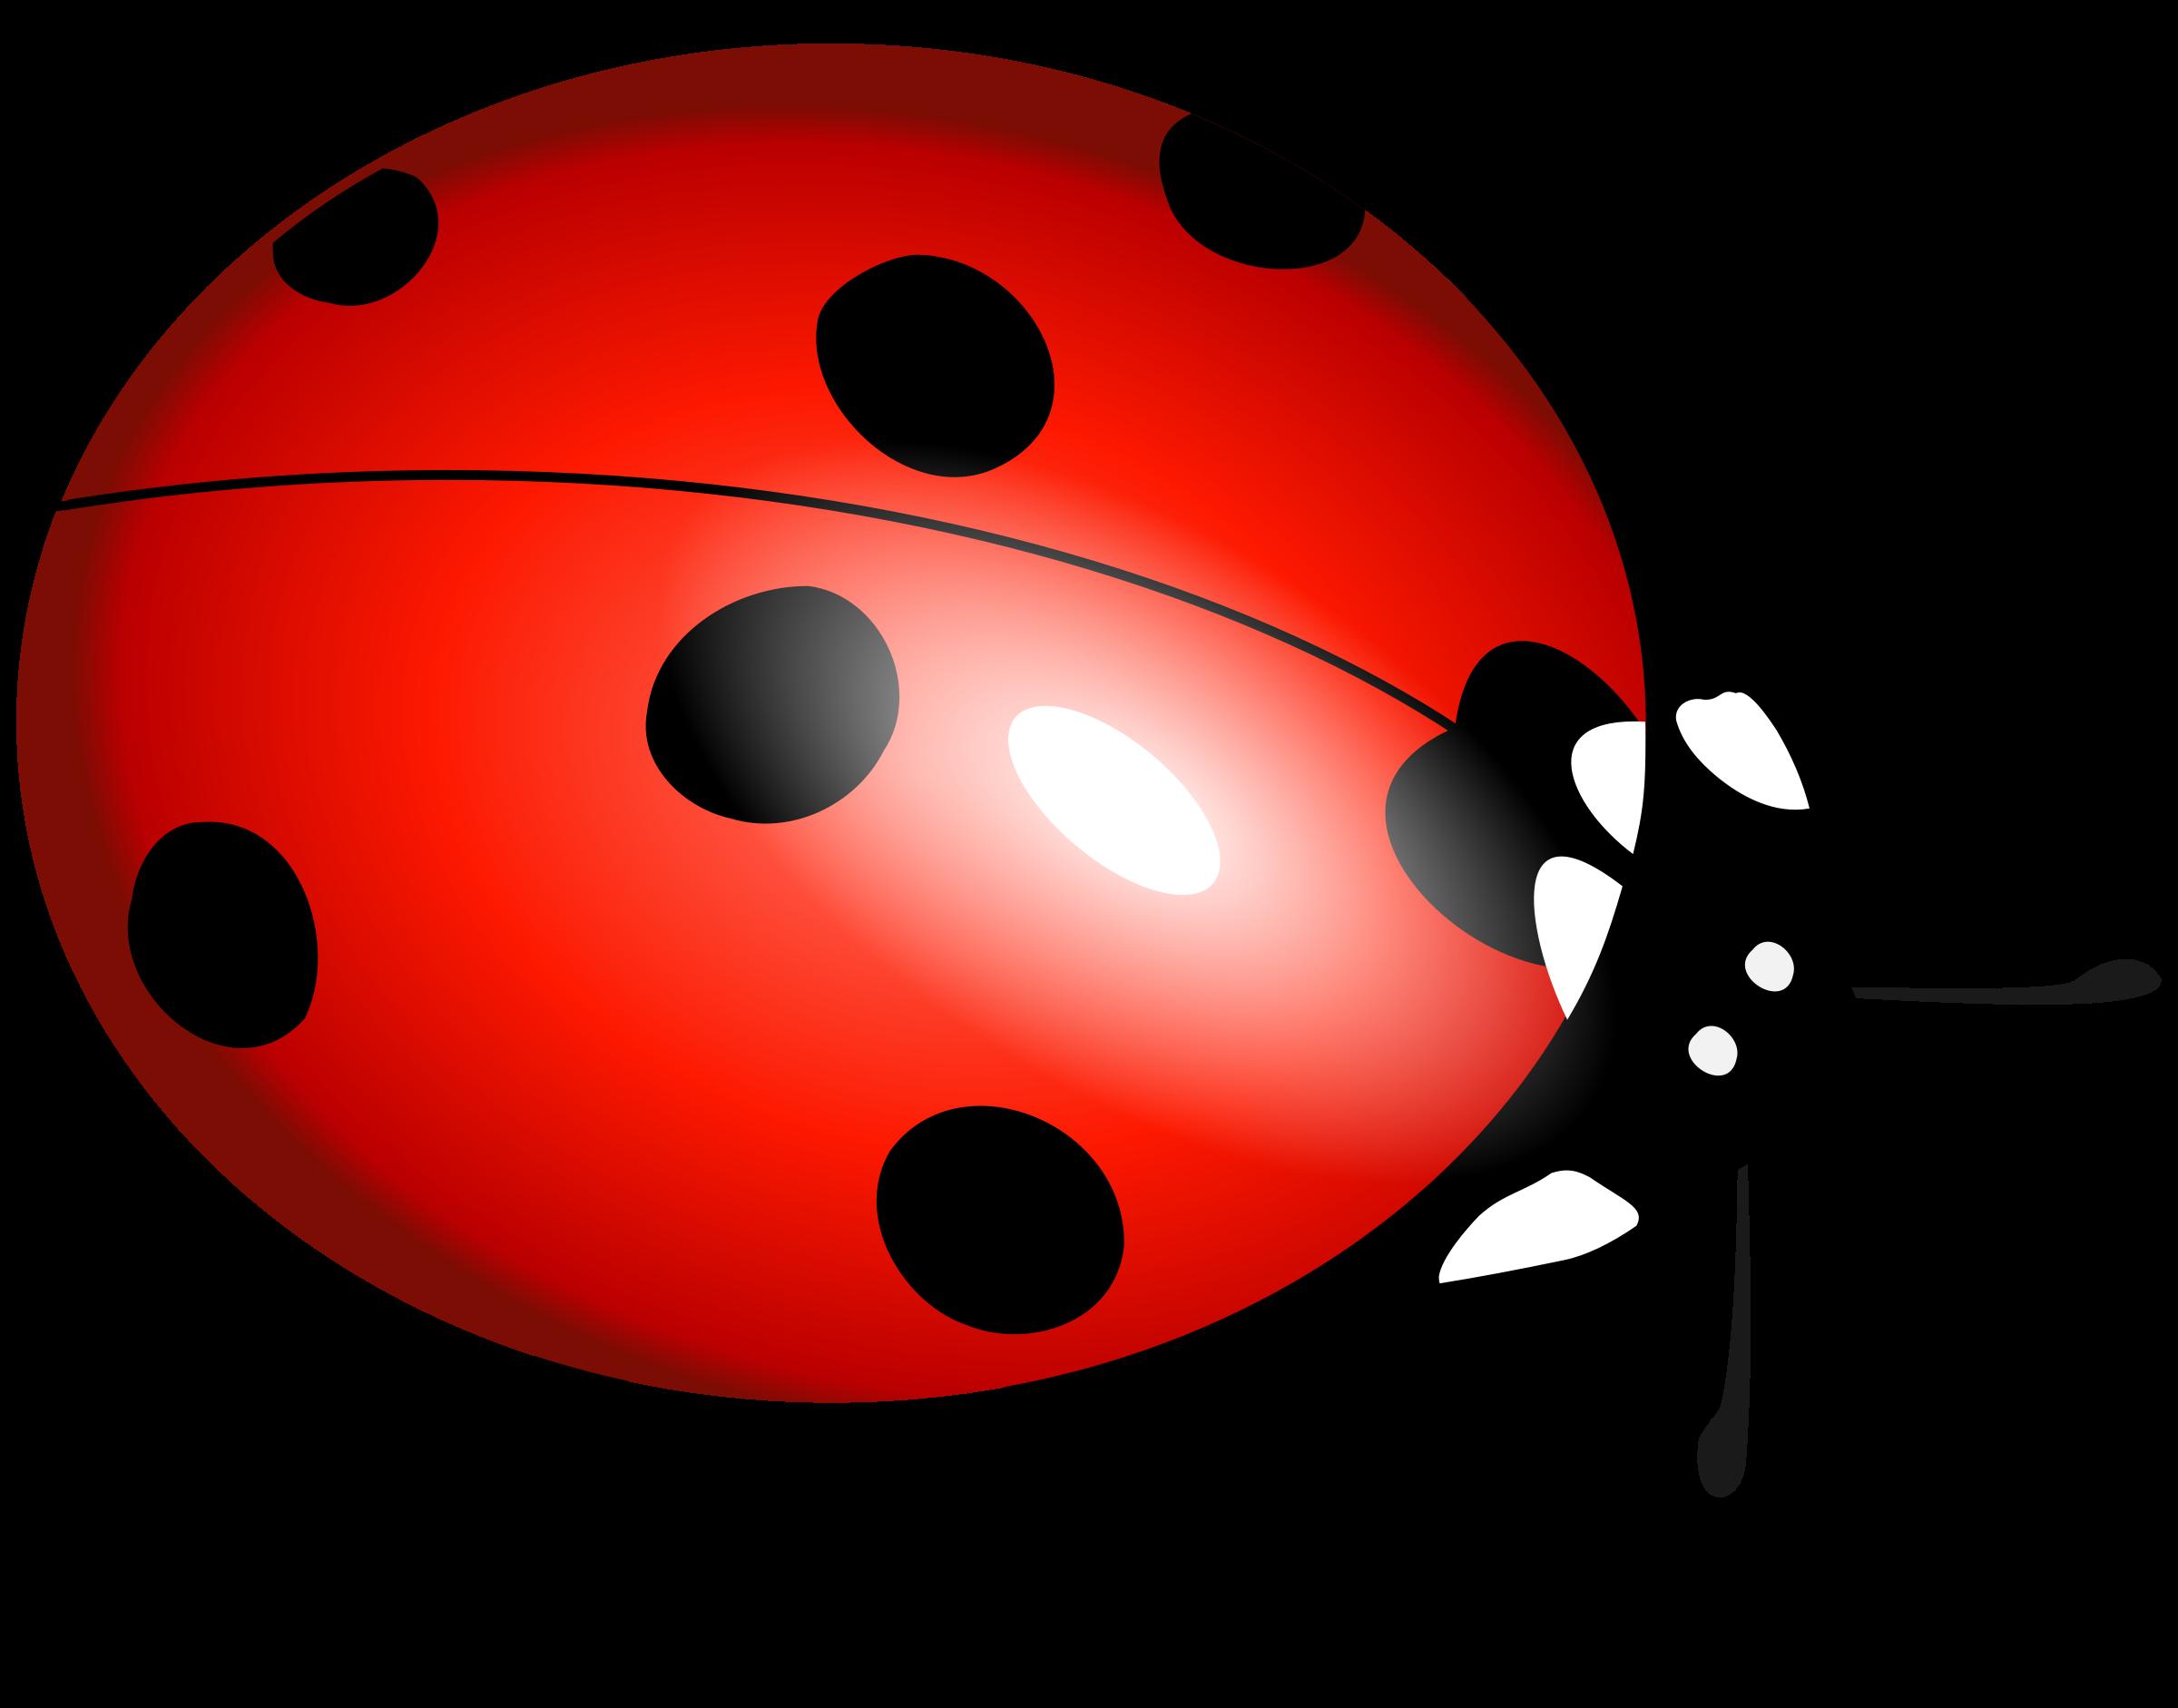 Ladybug PNG Image - PNG Ladybird